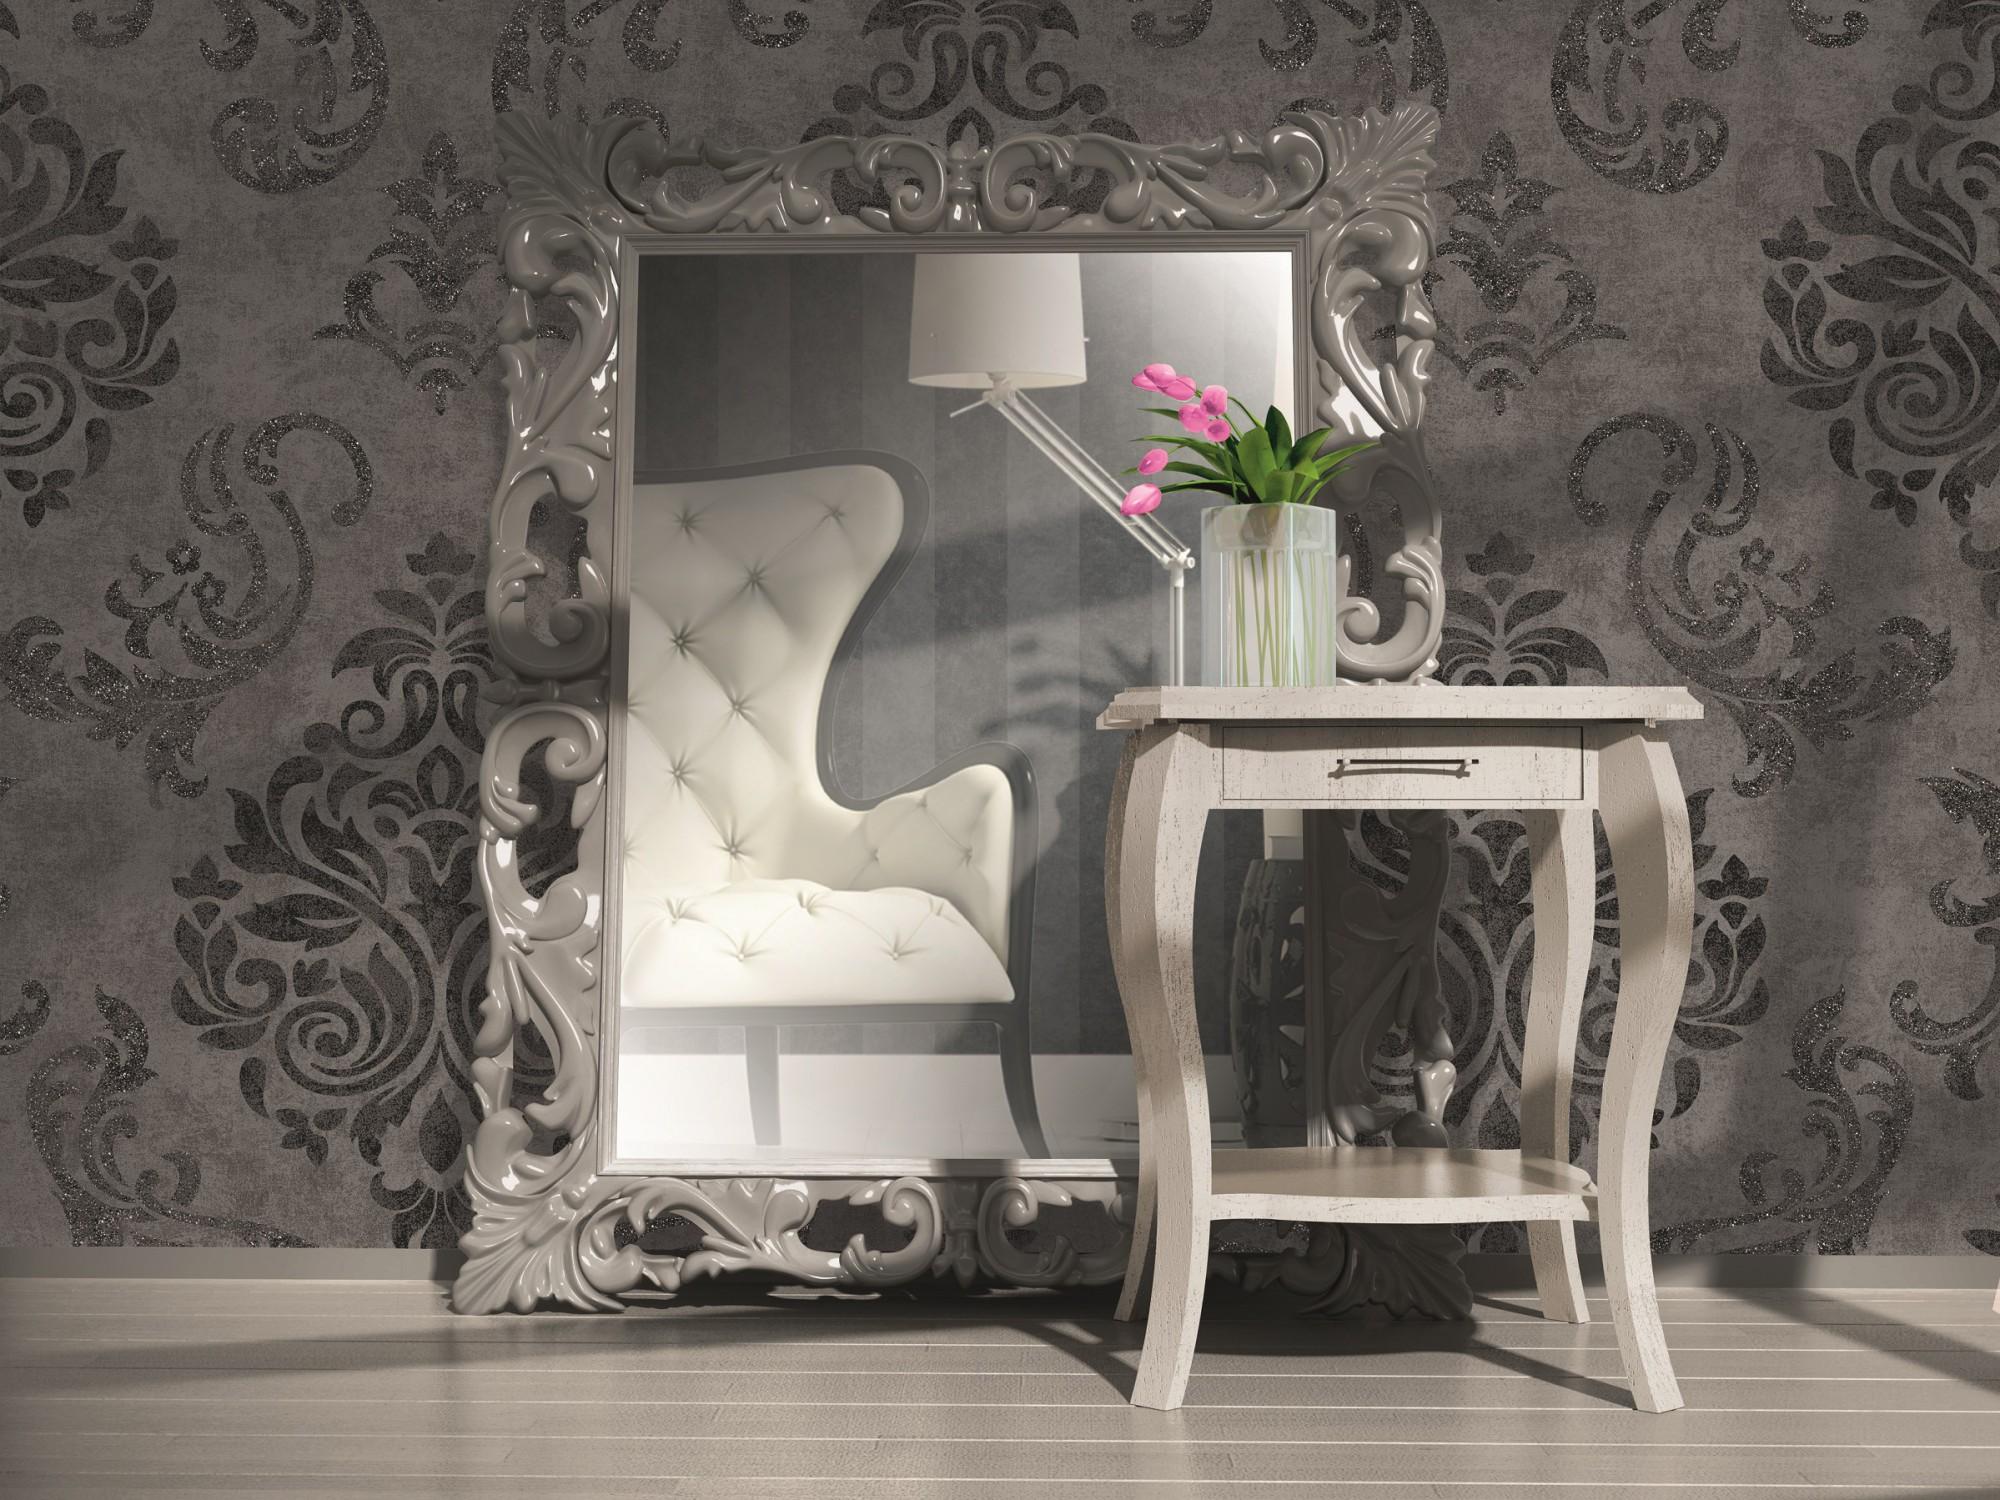 Vliestapete schlafzimmer grau  Funvit.com | Küchenspiegel Ohne Fliesen